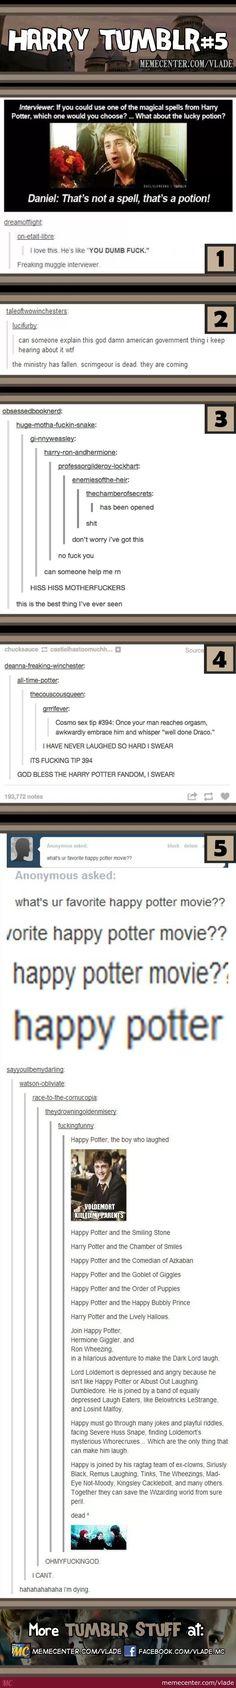 Harry Tumblr #5